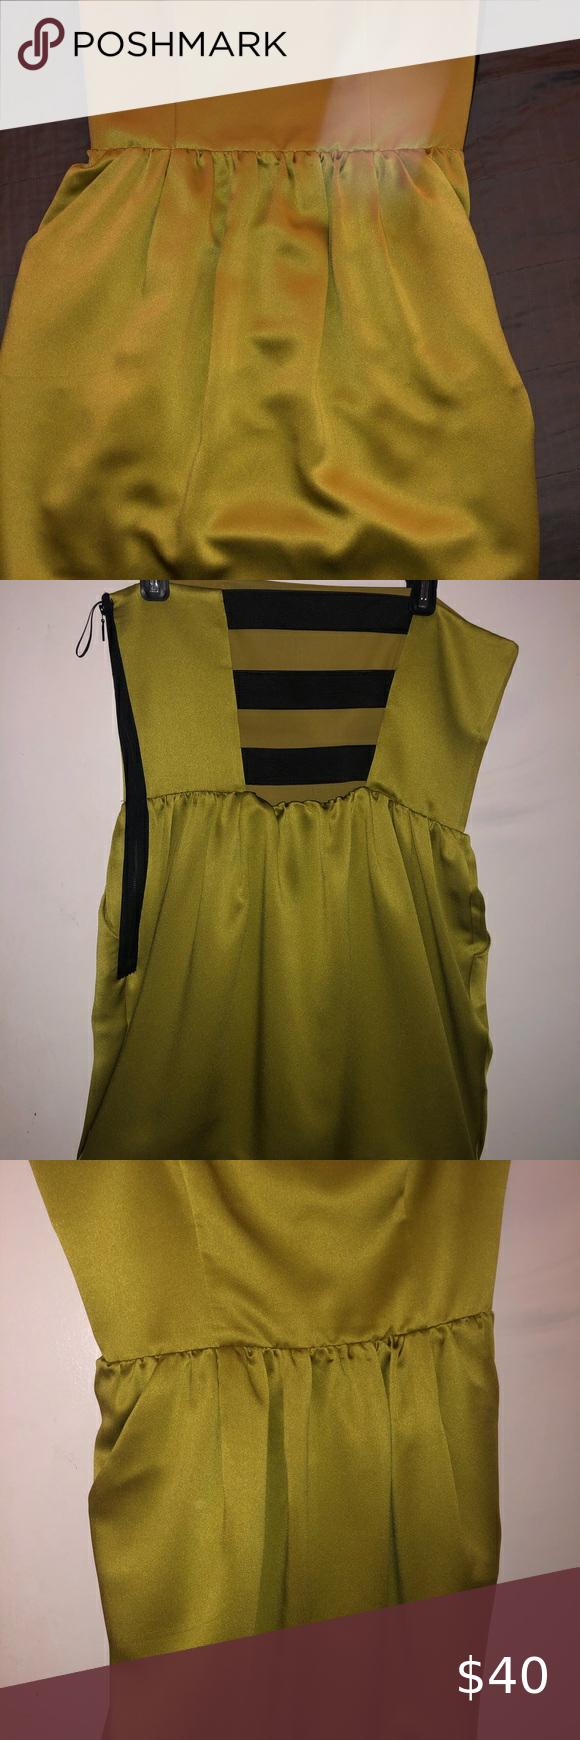 Rachel Roy Dress Rachel Roy Dresses Lime Green Shirts Rachel Roy [ 1740 x 580 Pixel ]